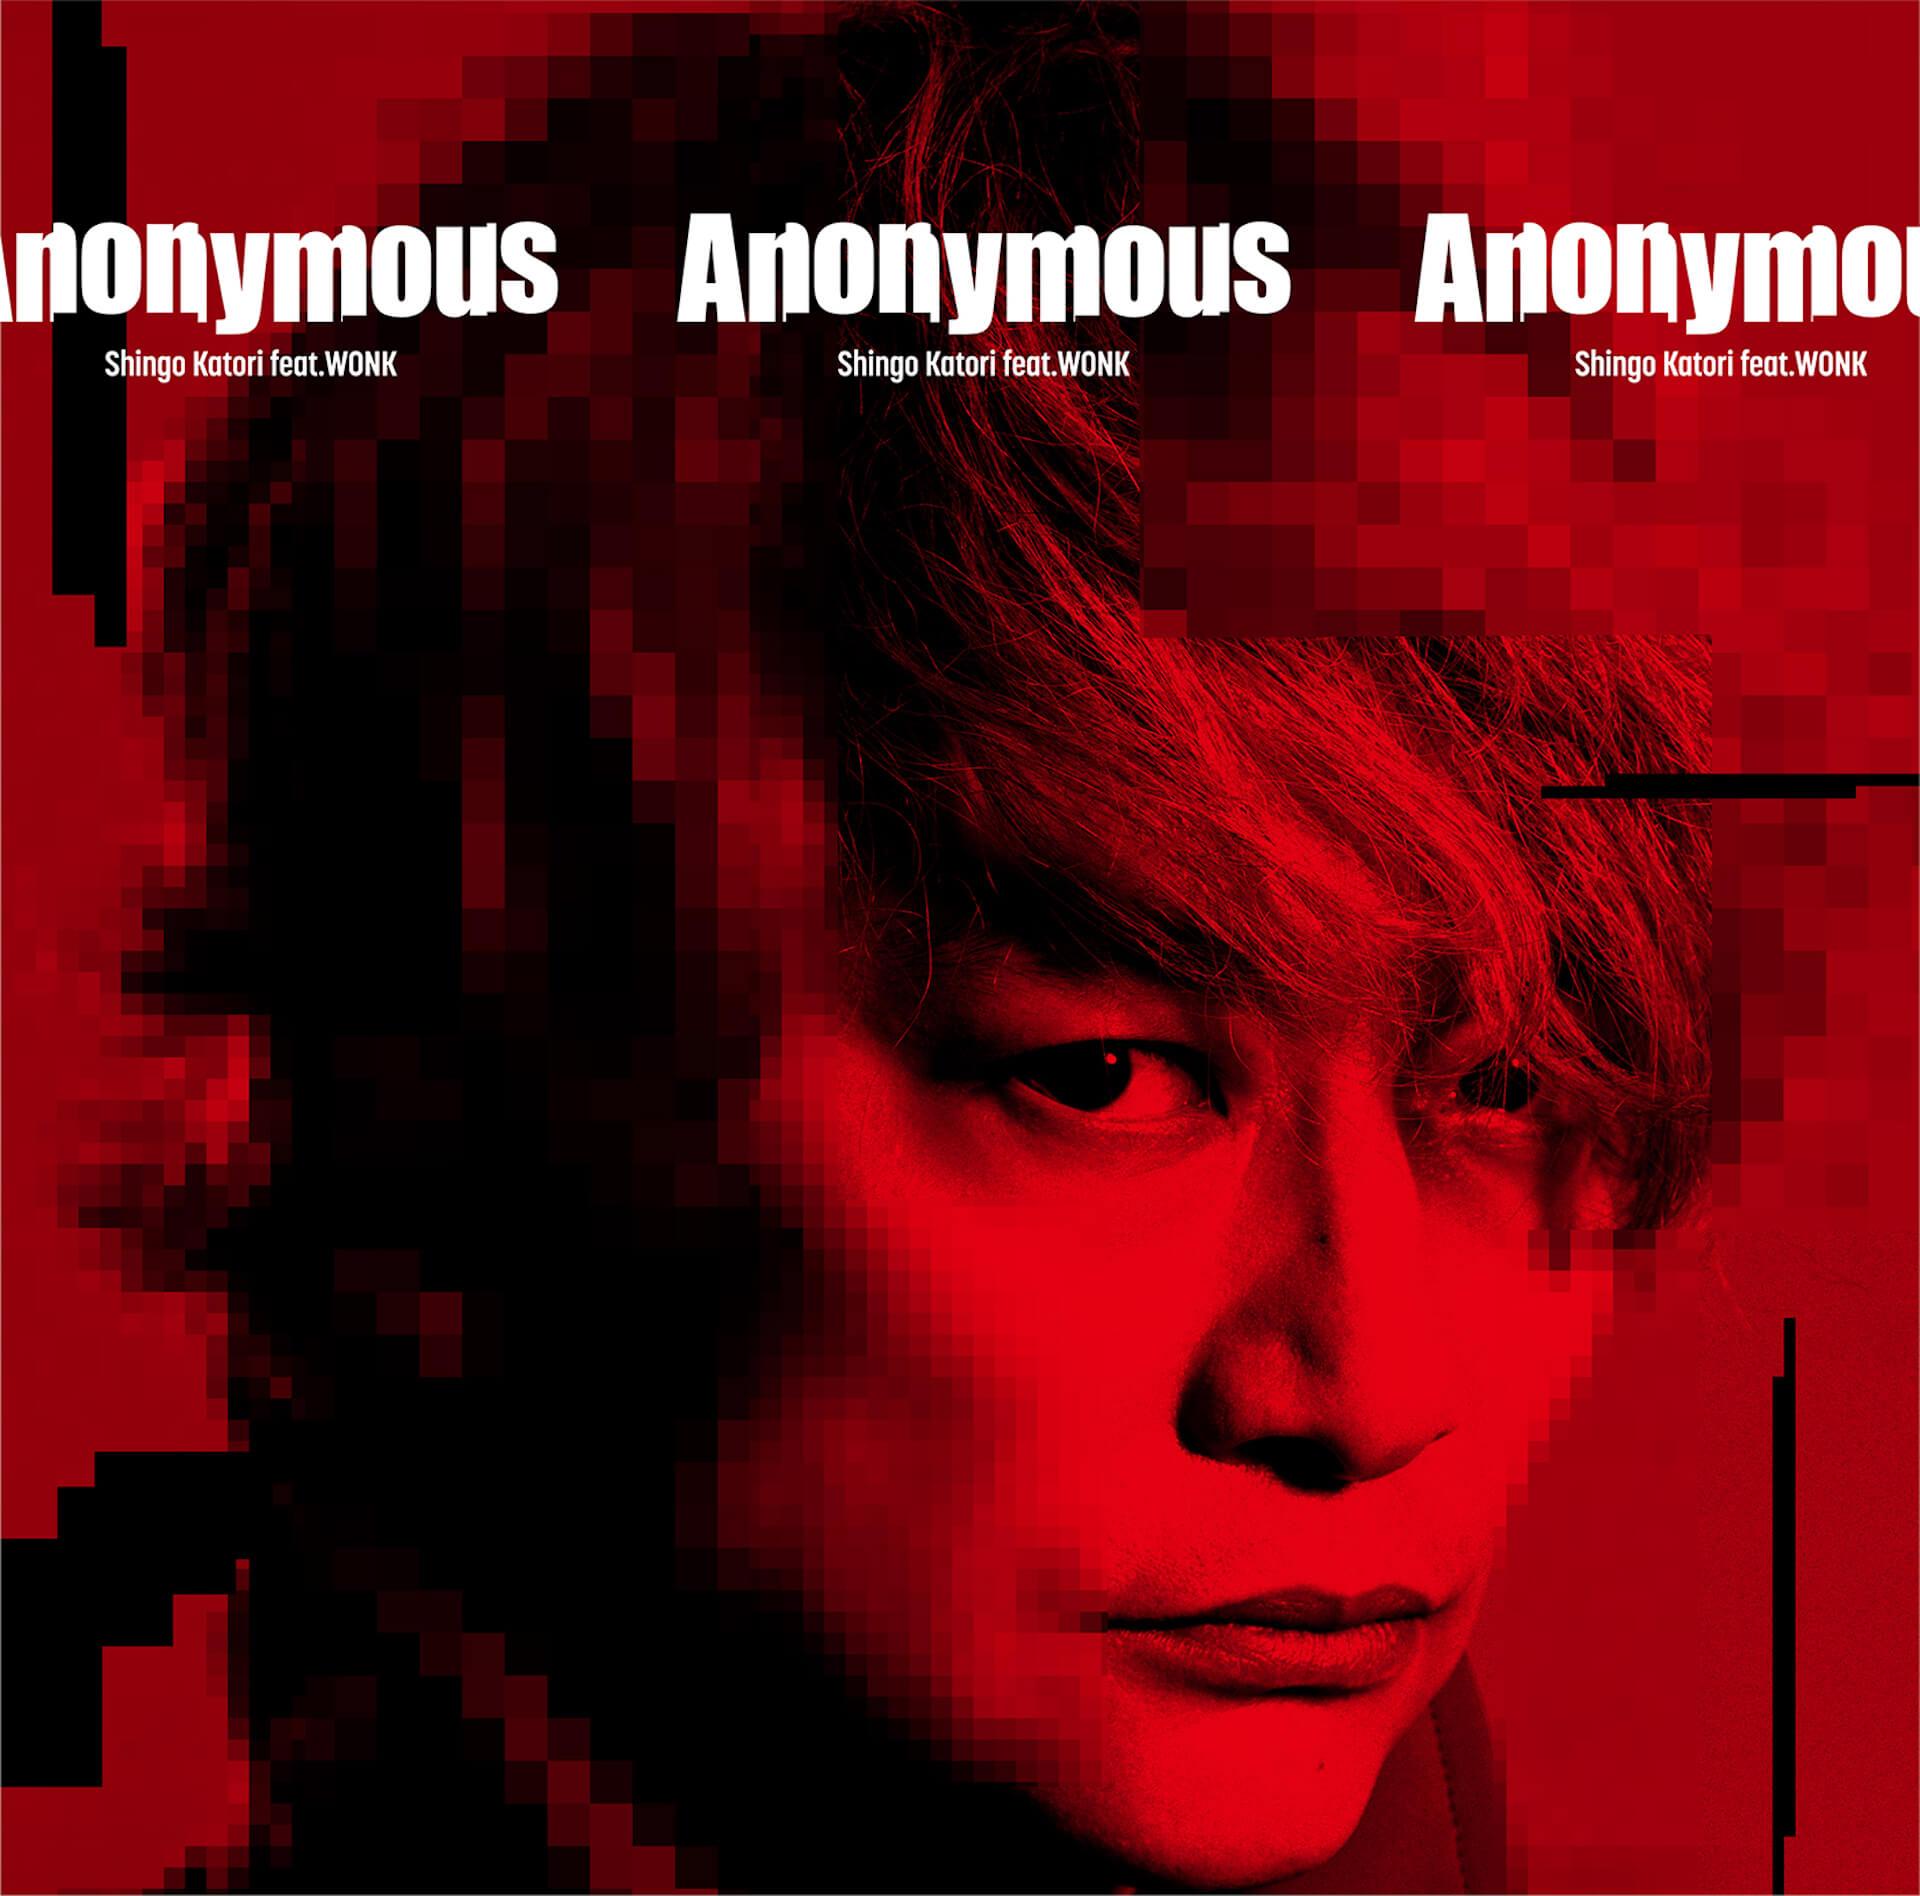 """香取慎吾とWONKの新曲""""Anonymous""""のミュージックビデオリミテッドバージョンの一部が本日公開! music210421_katorishingo_wonk_2"""